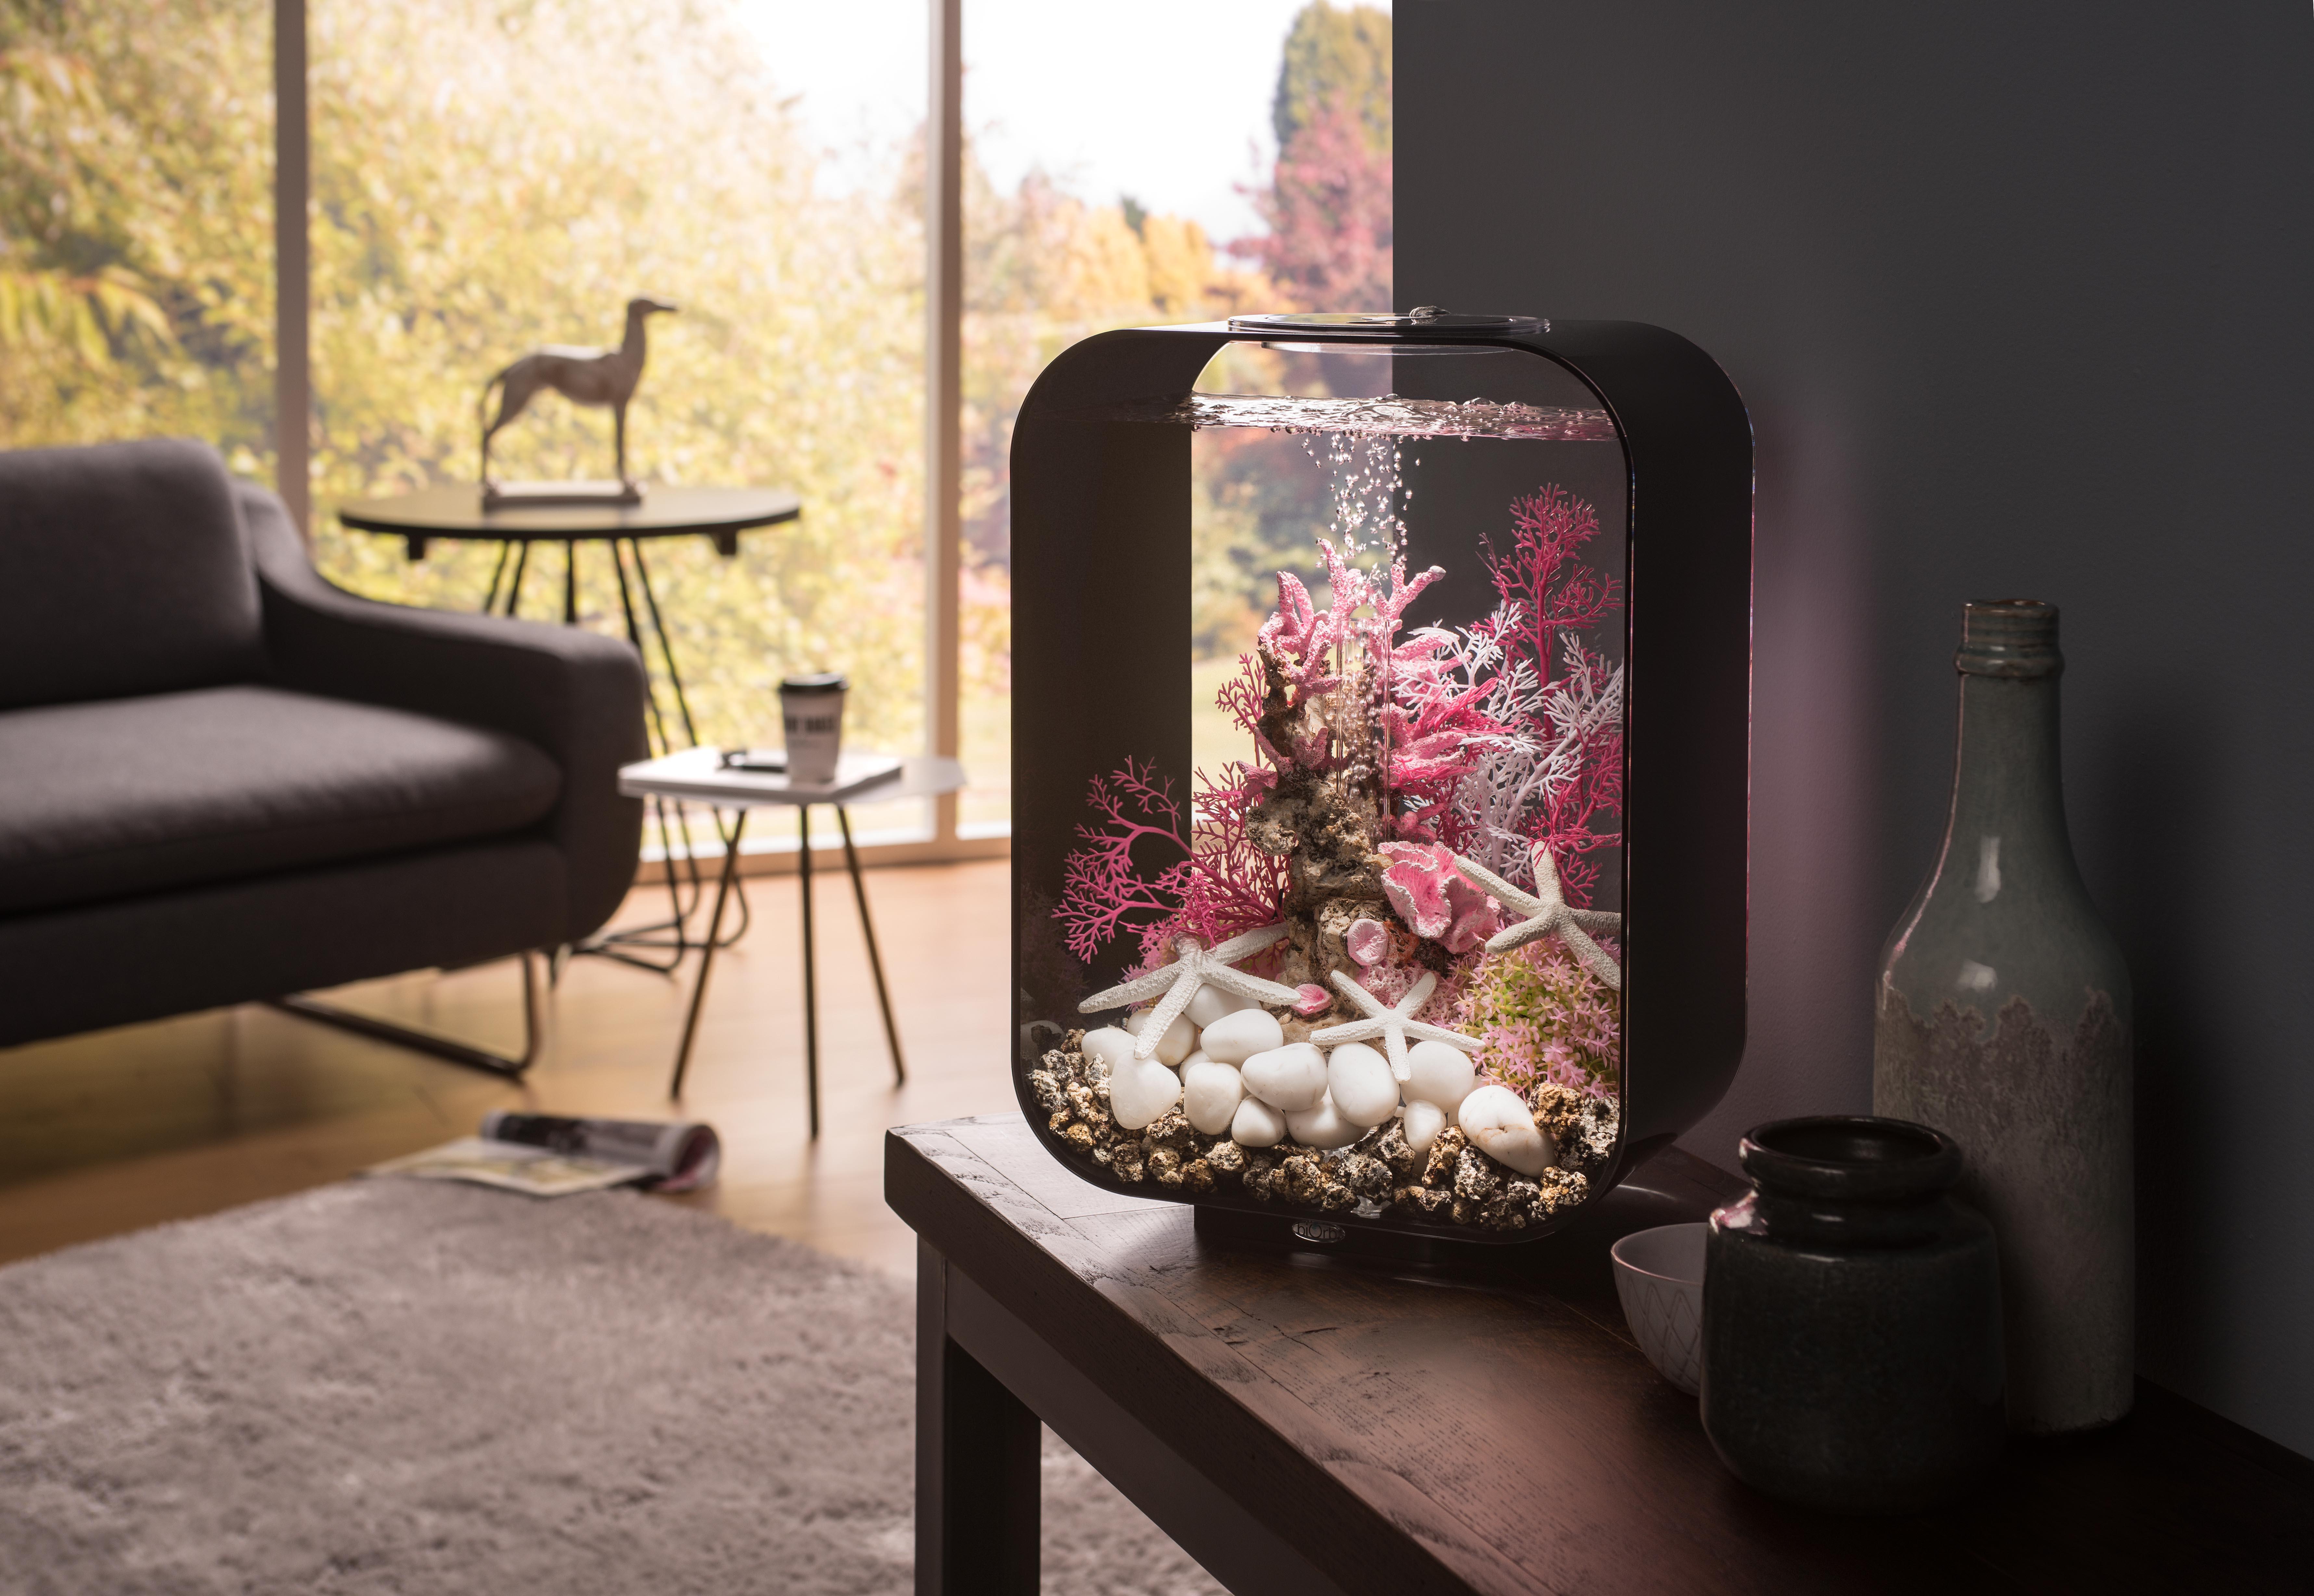 biorb鱼缸为什么那么贵 英国原装进口碧欧宝鱼缸好吗